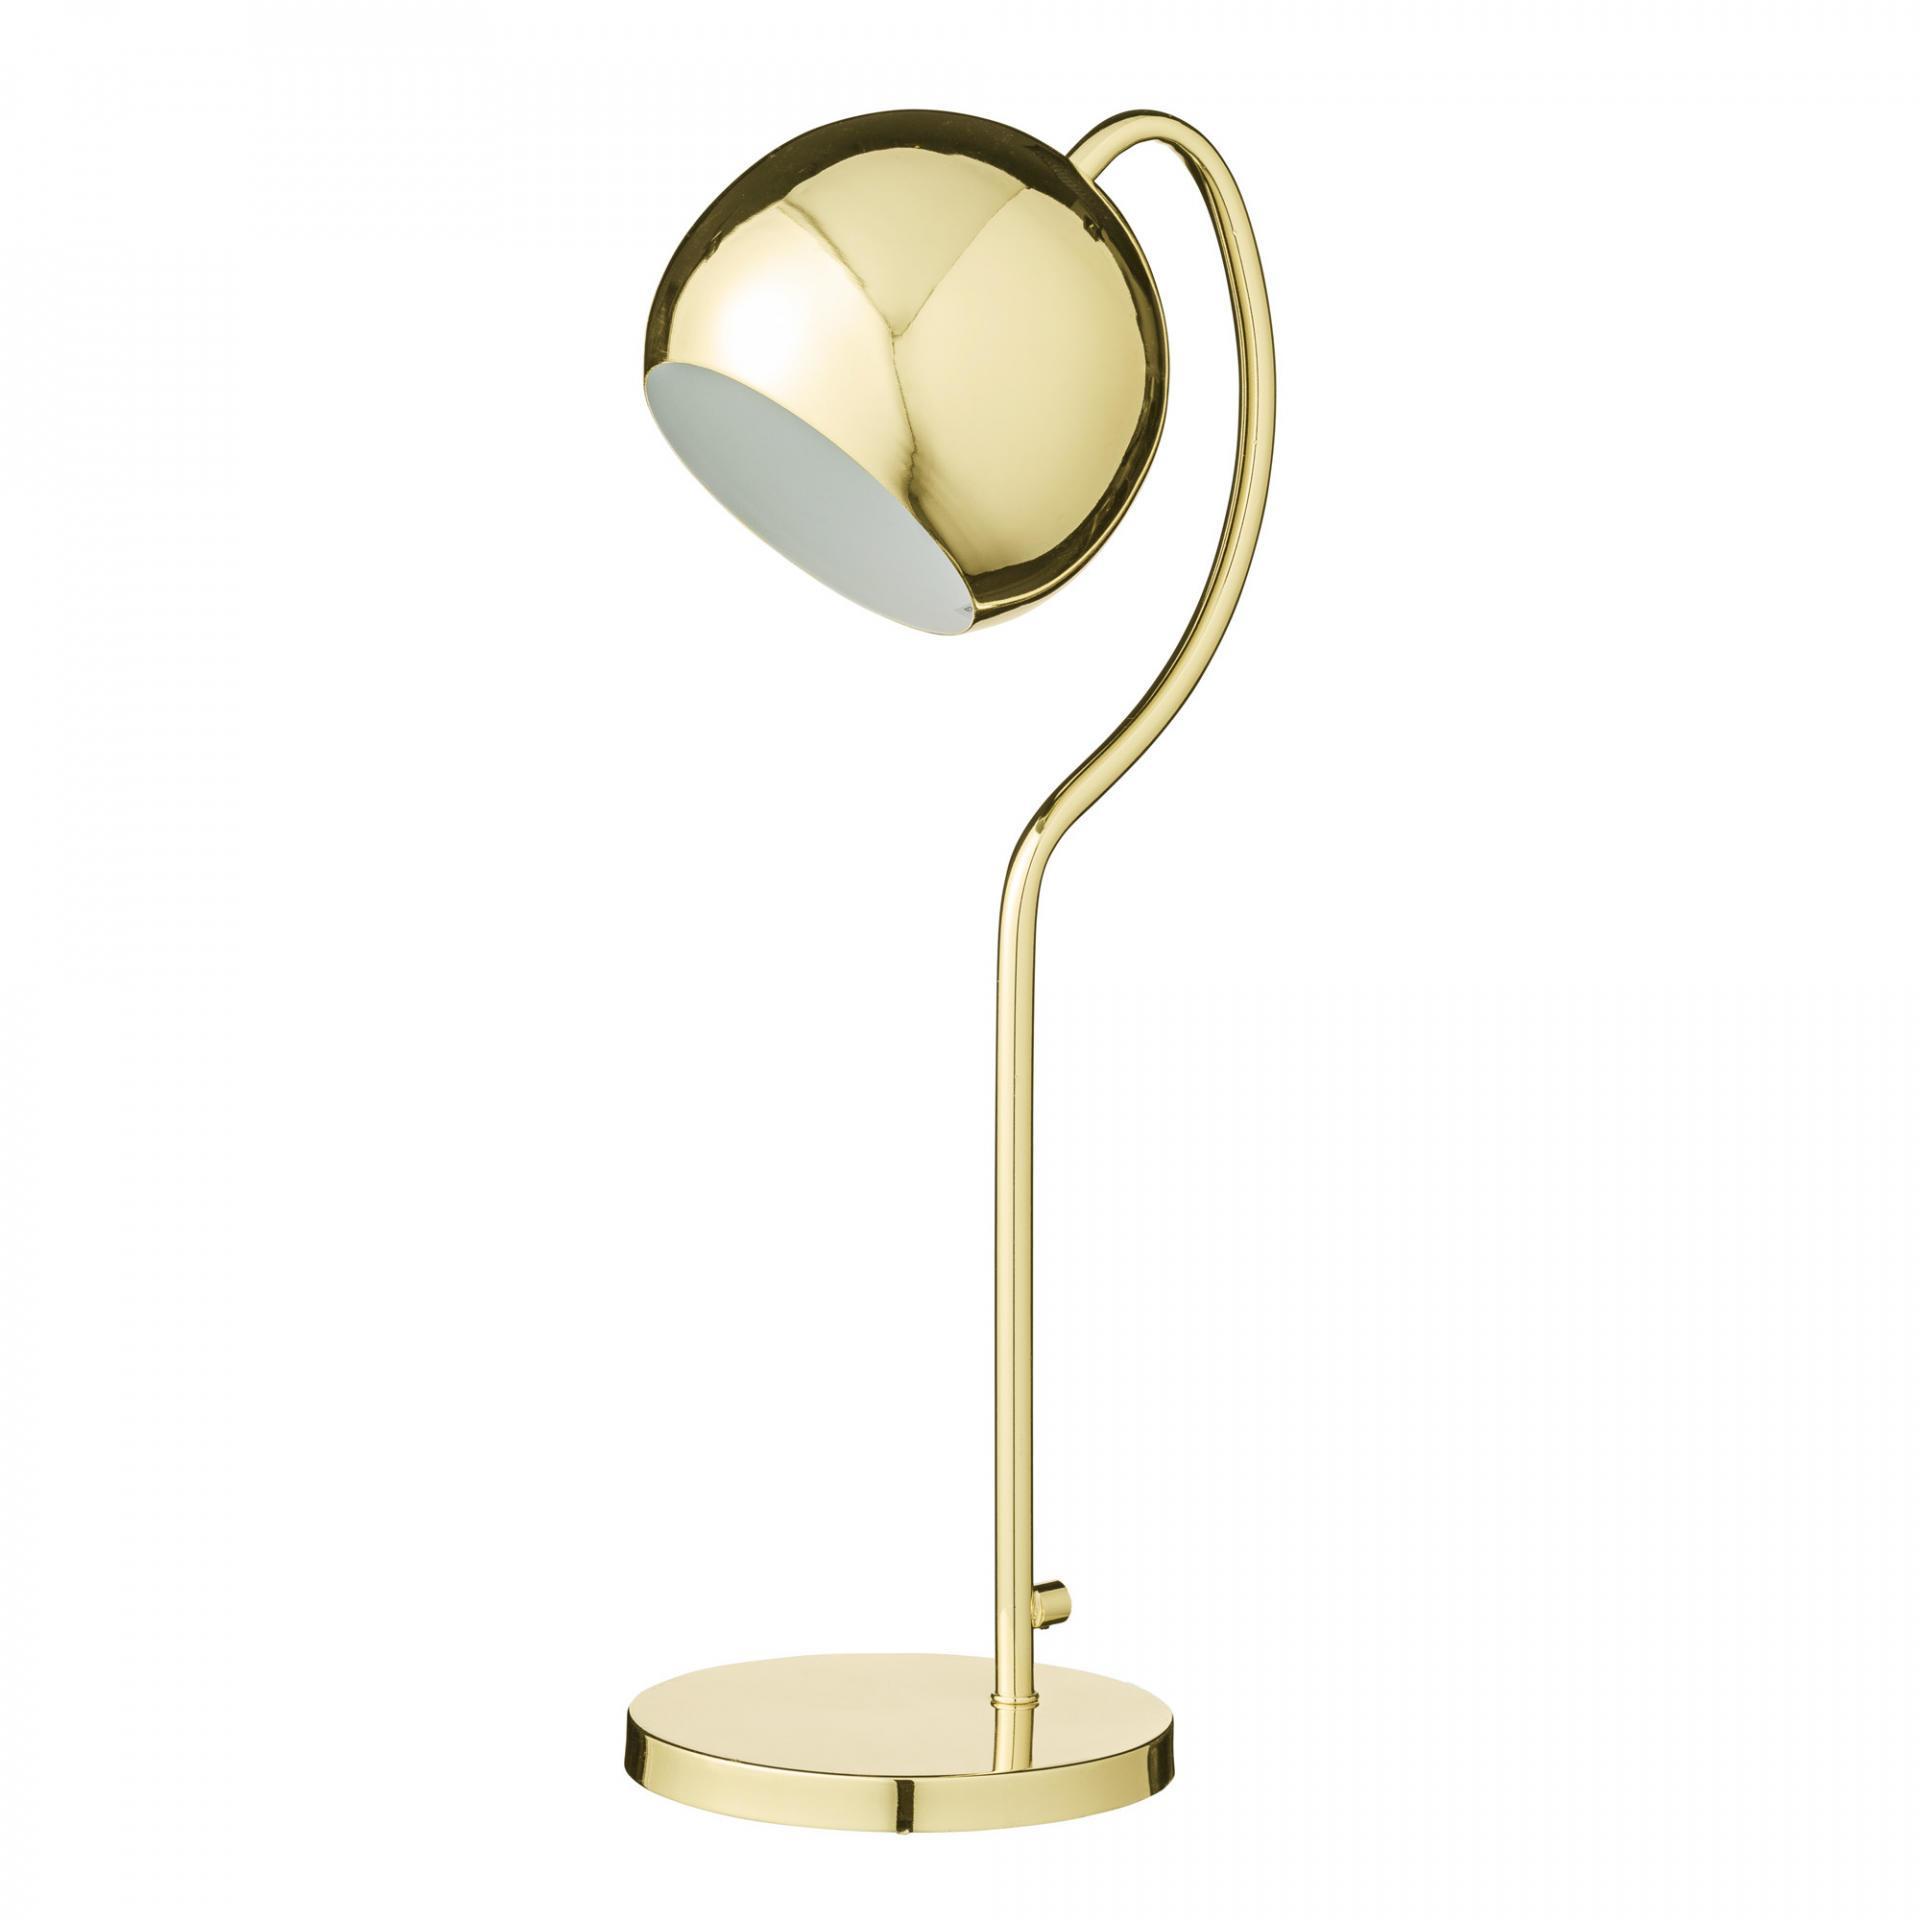 Bloomingville Stolní lampa Globe Shiny gold, zlatá barva, kov